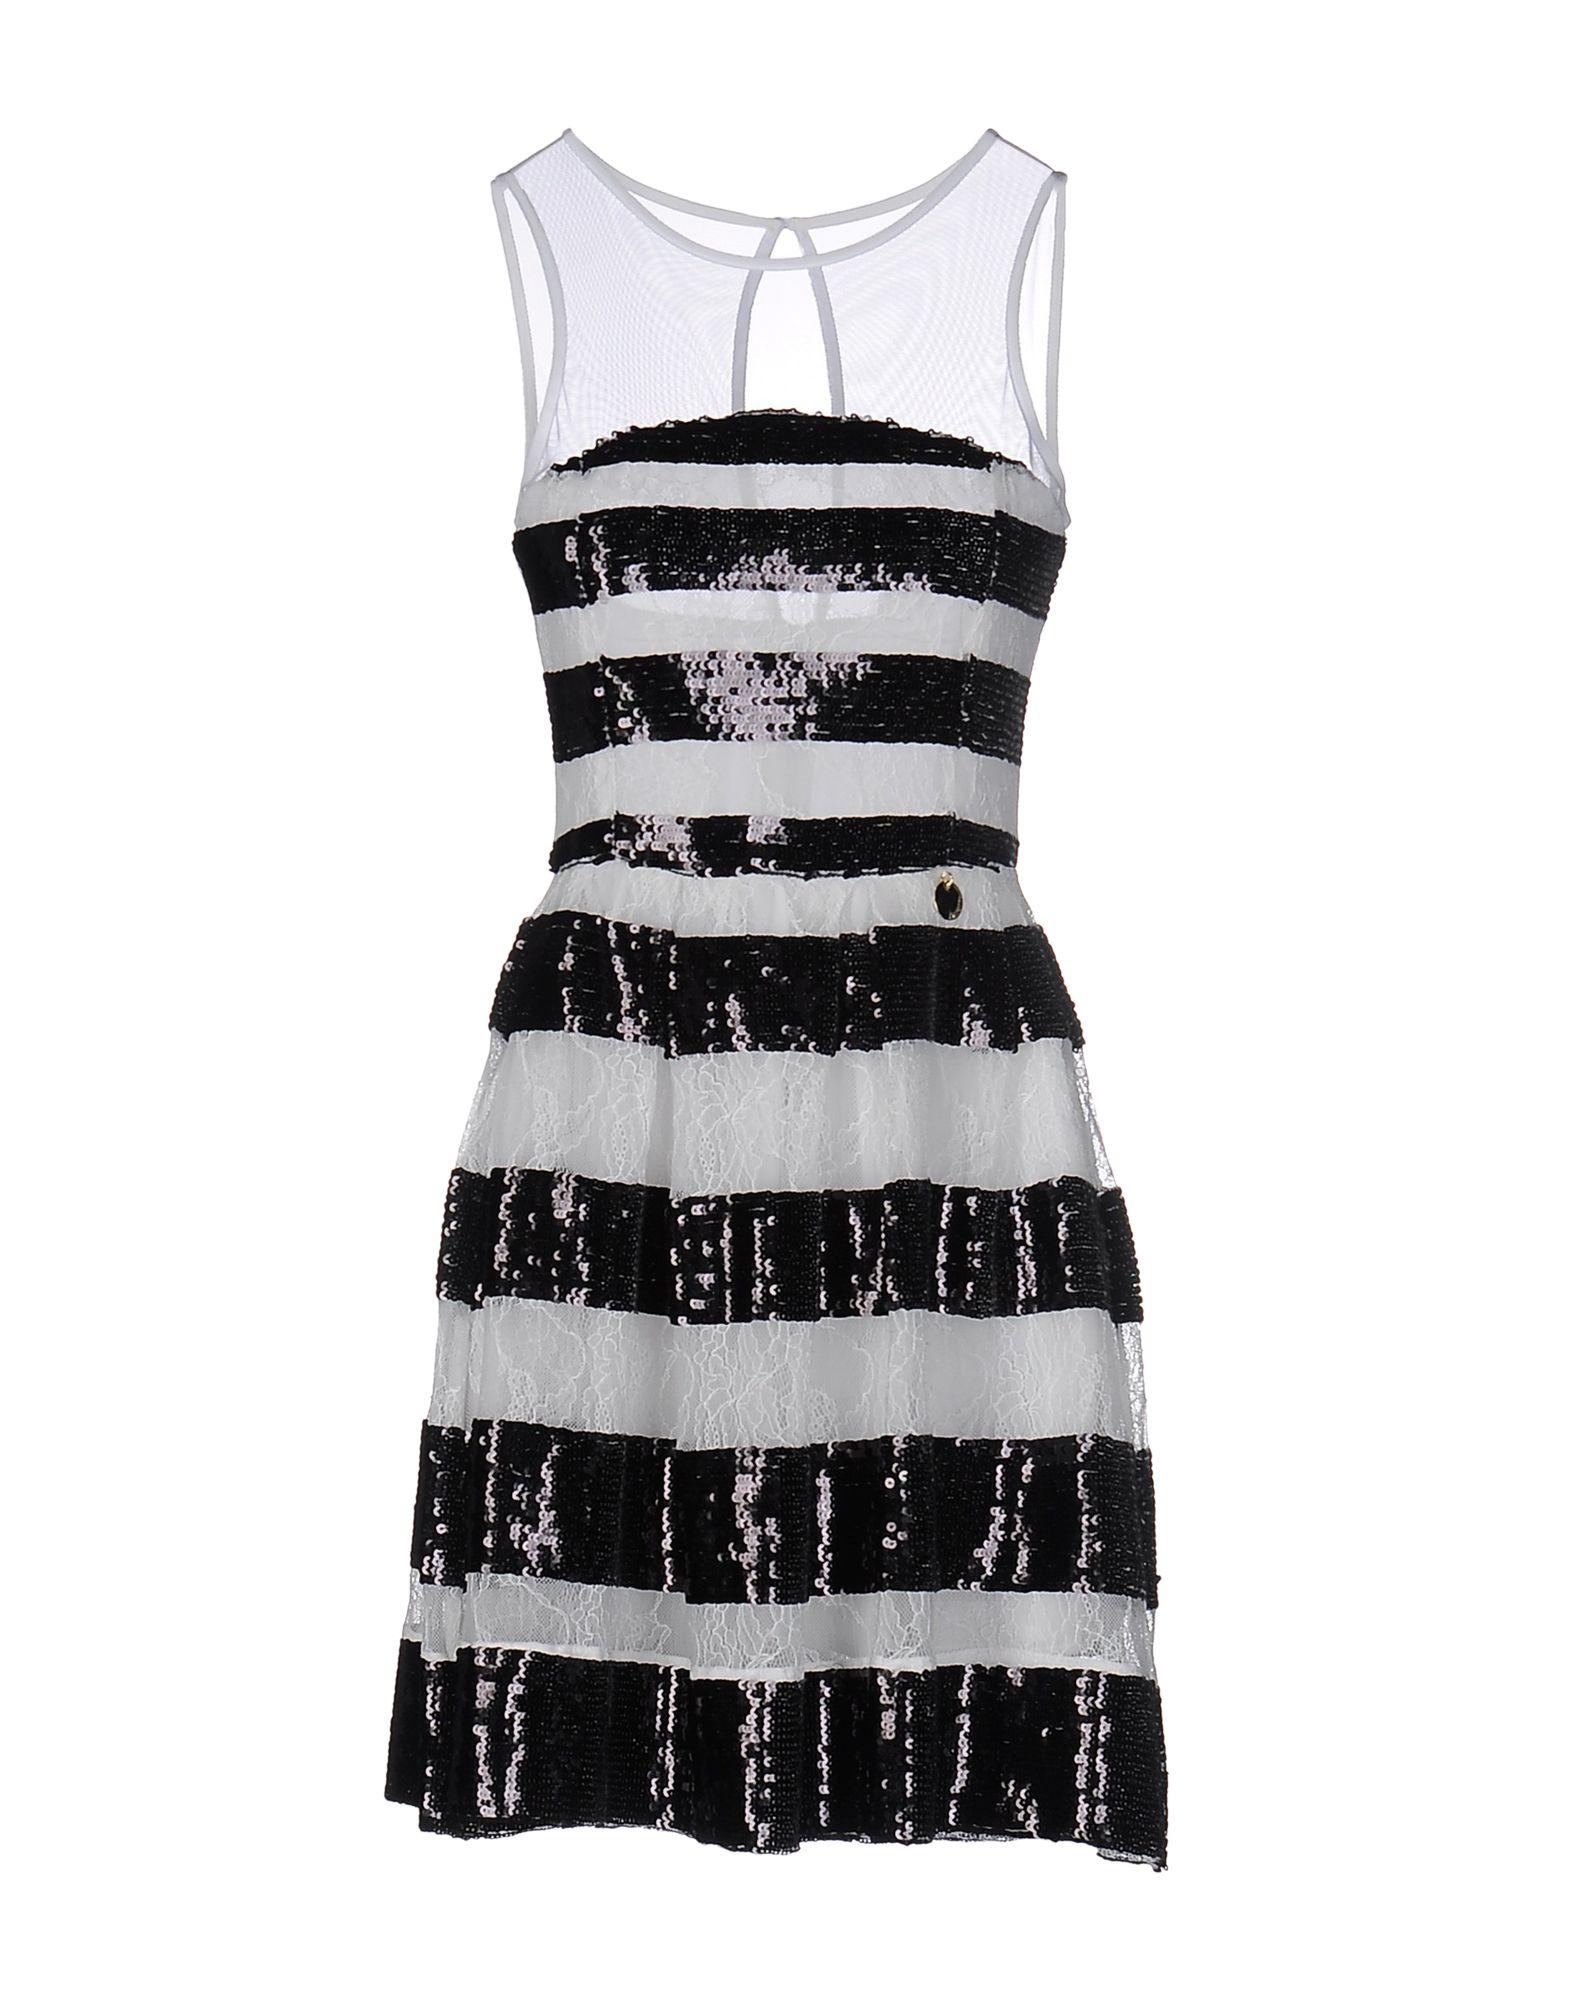 Vestito Corto Mangano Donna - Acquista online su FMO7dxM6y